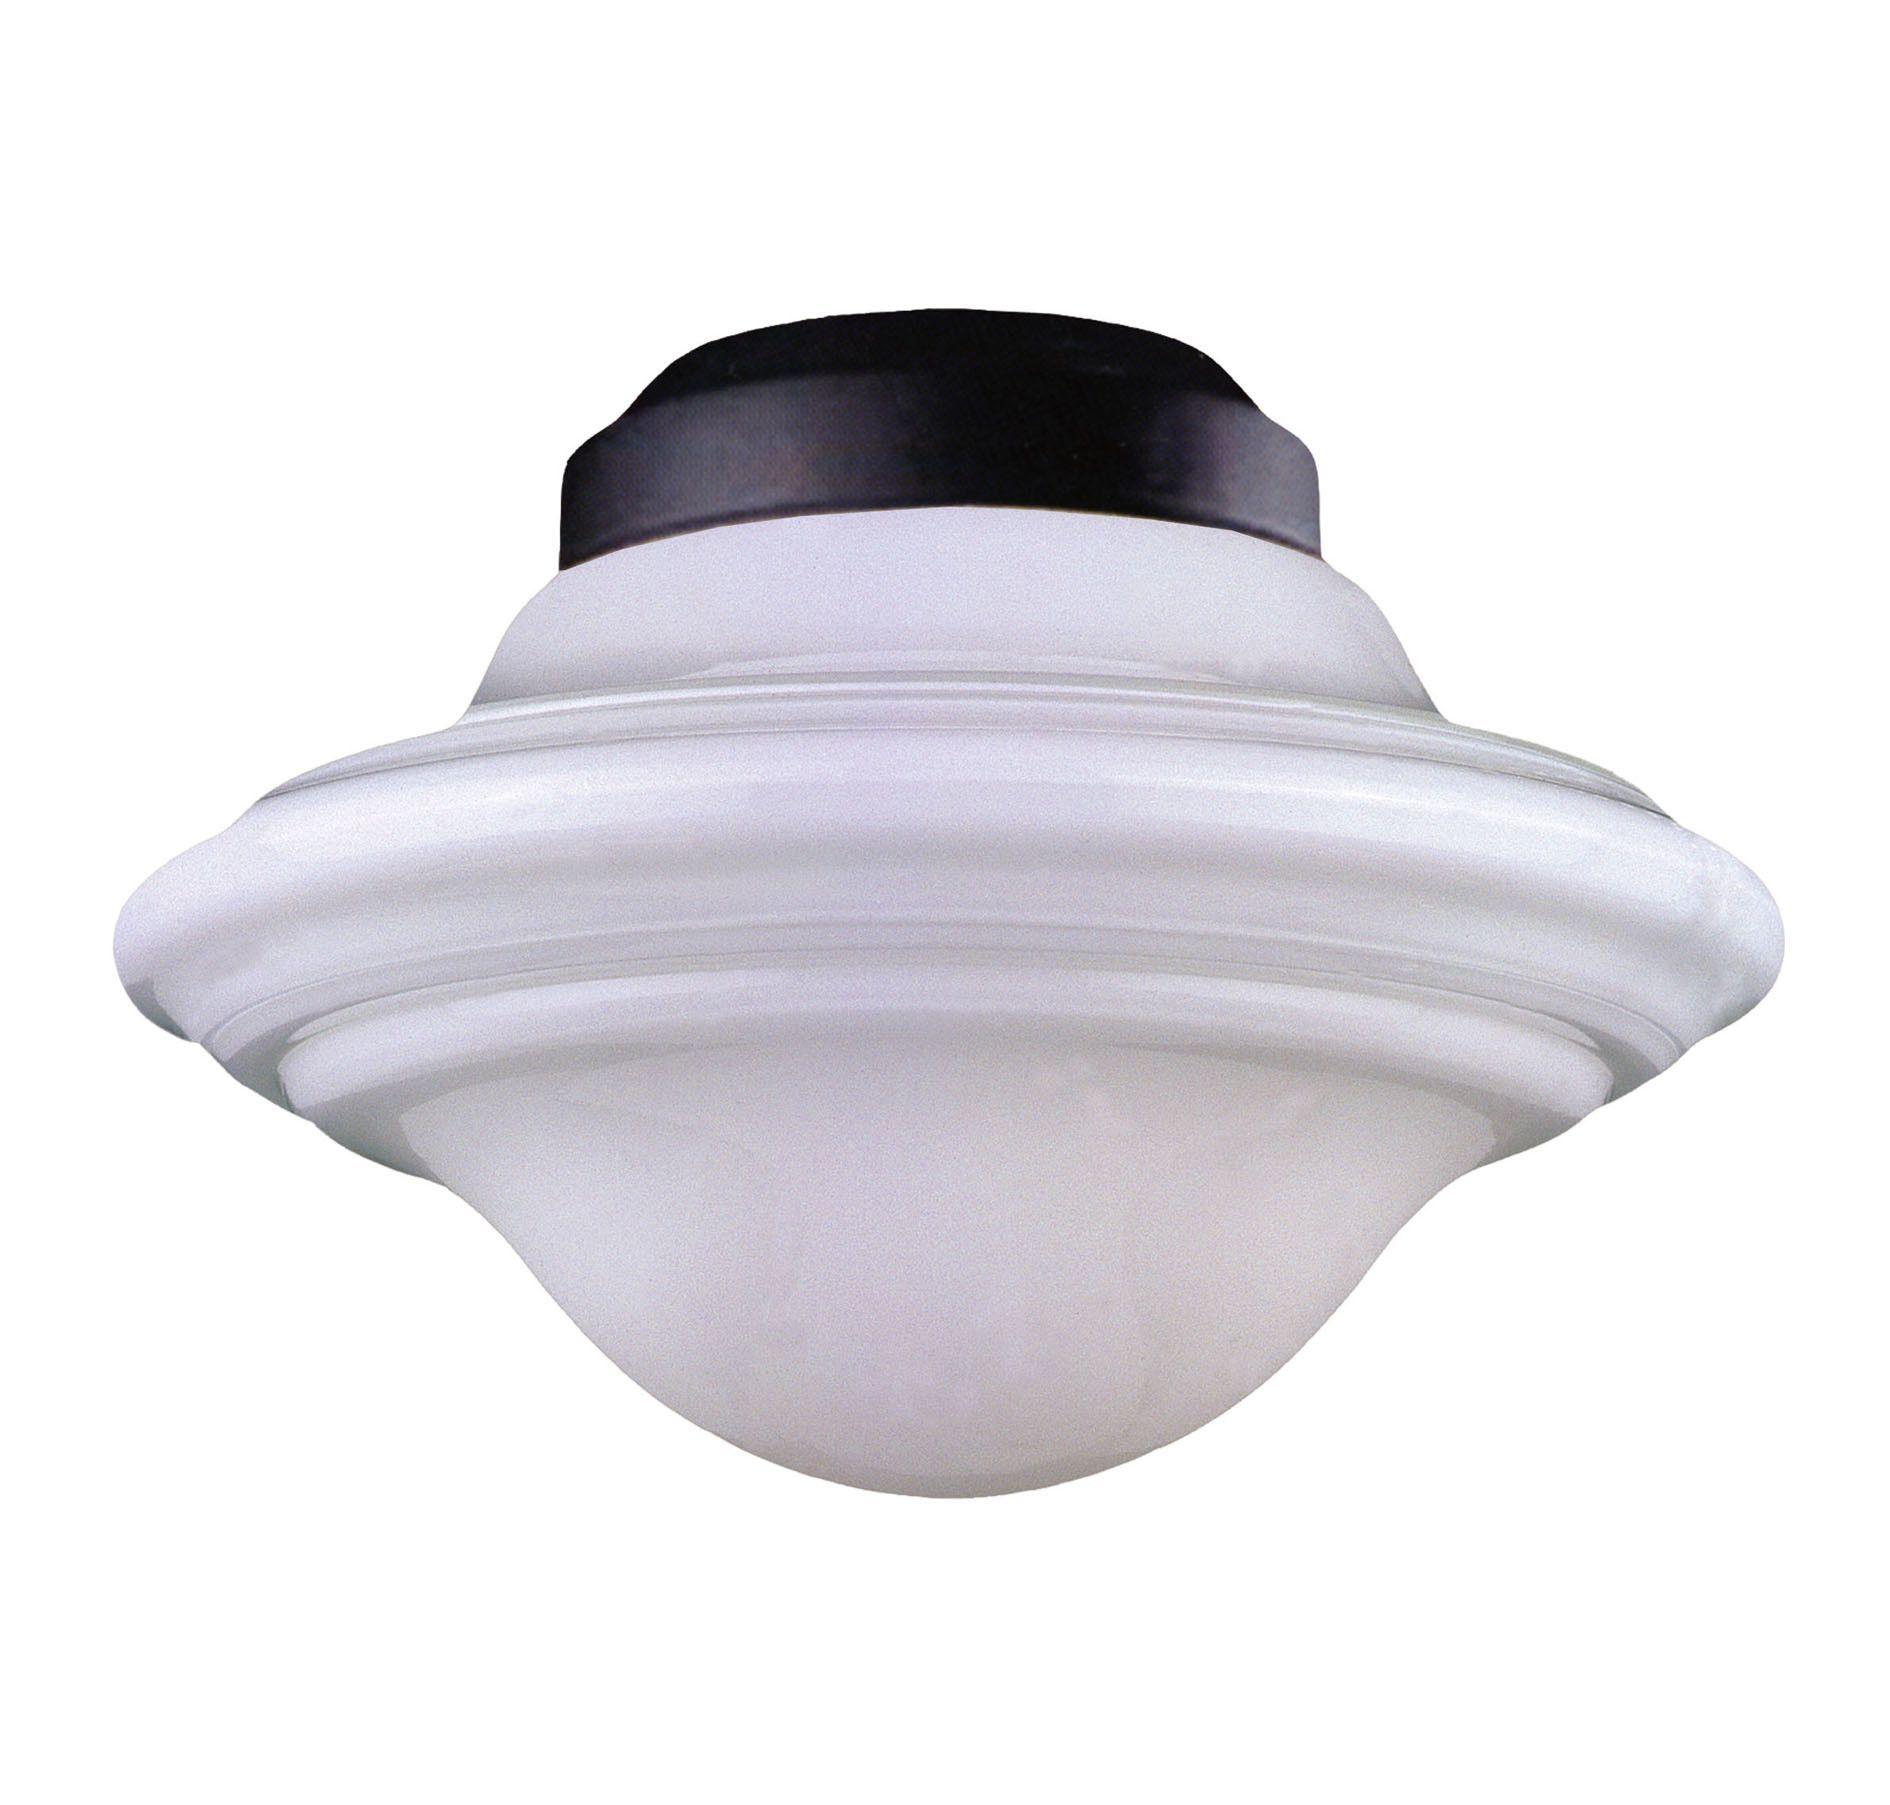 Pierce Paxton 1 Light Schoolhouse Ceiling Fan Light Kit